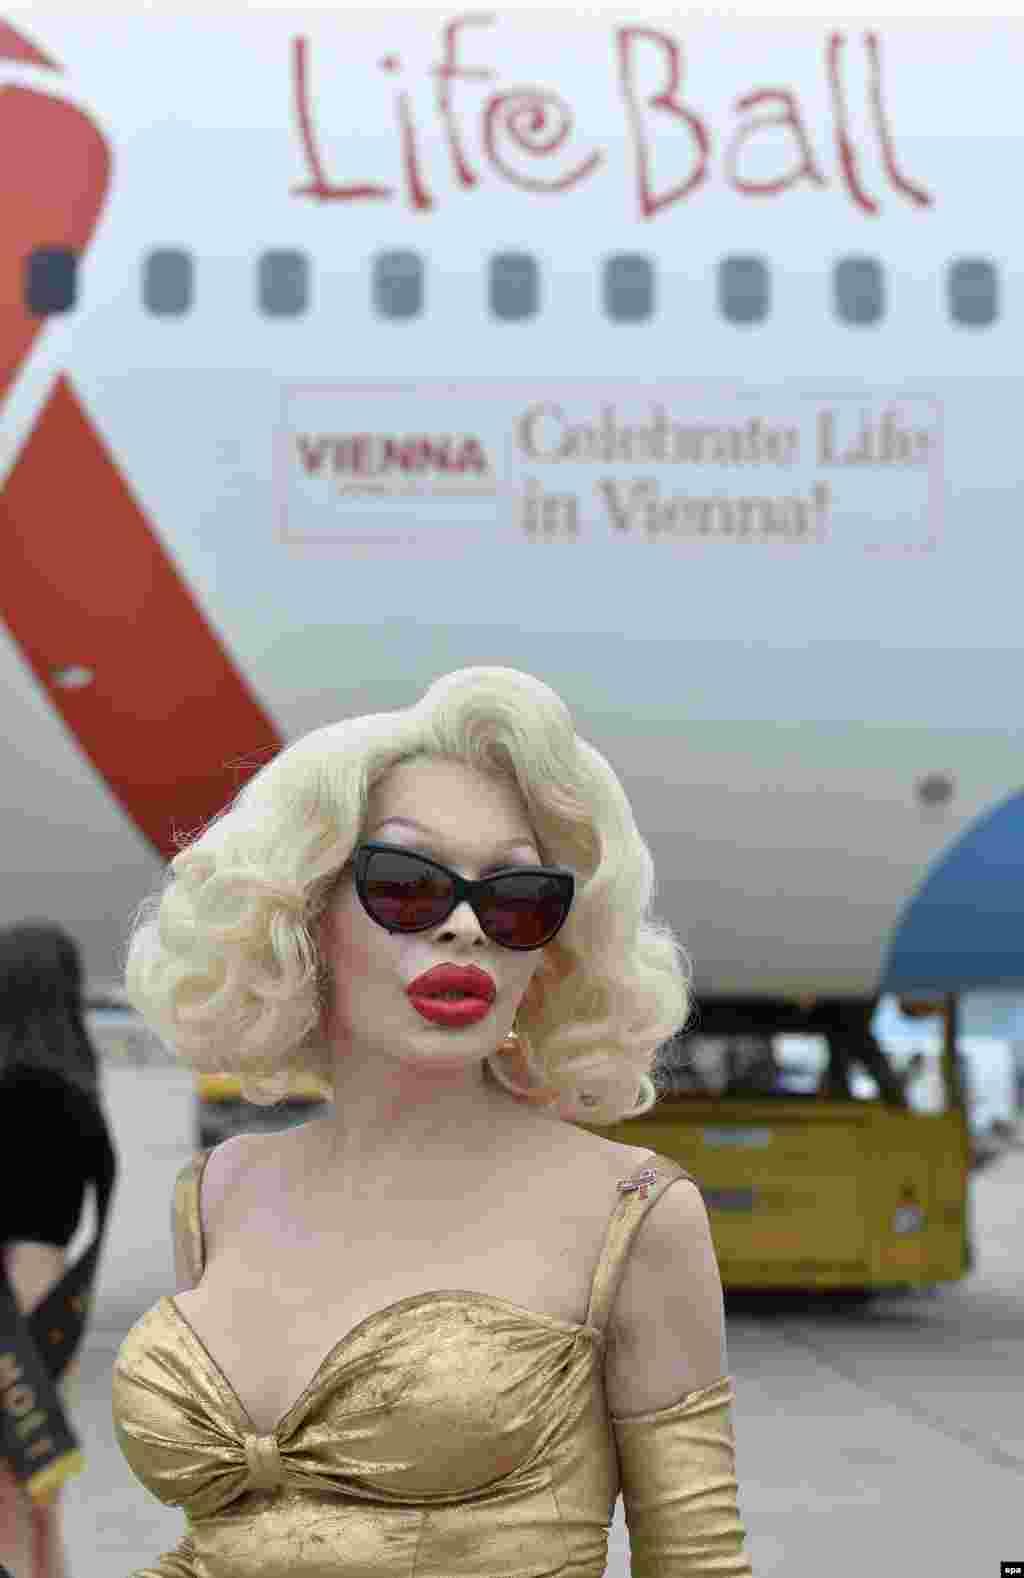 """Американская модель Аманда Лепор прибыла на 23-й ежегодный благотворительный """"Бал Жизни"""" в Вену, чтобы поддержать больных СПИДом и ВИЧ-инфецированных людей"""